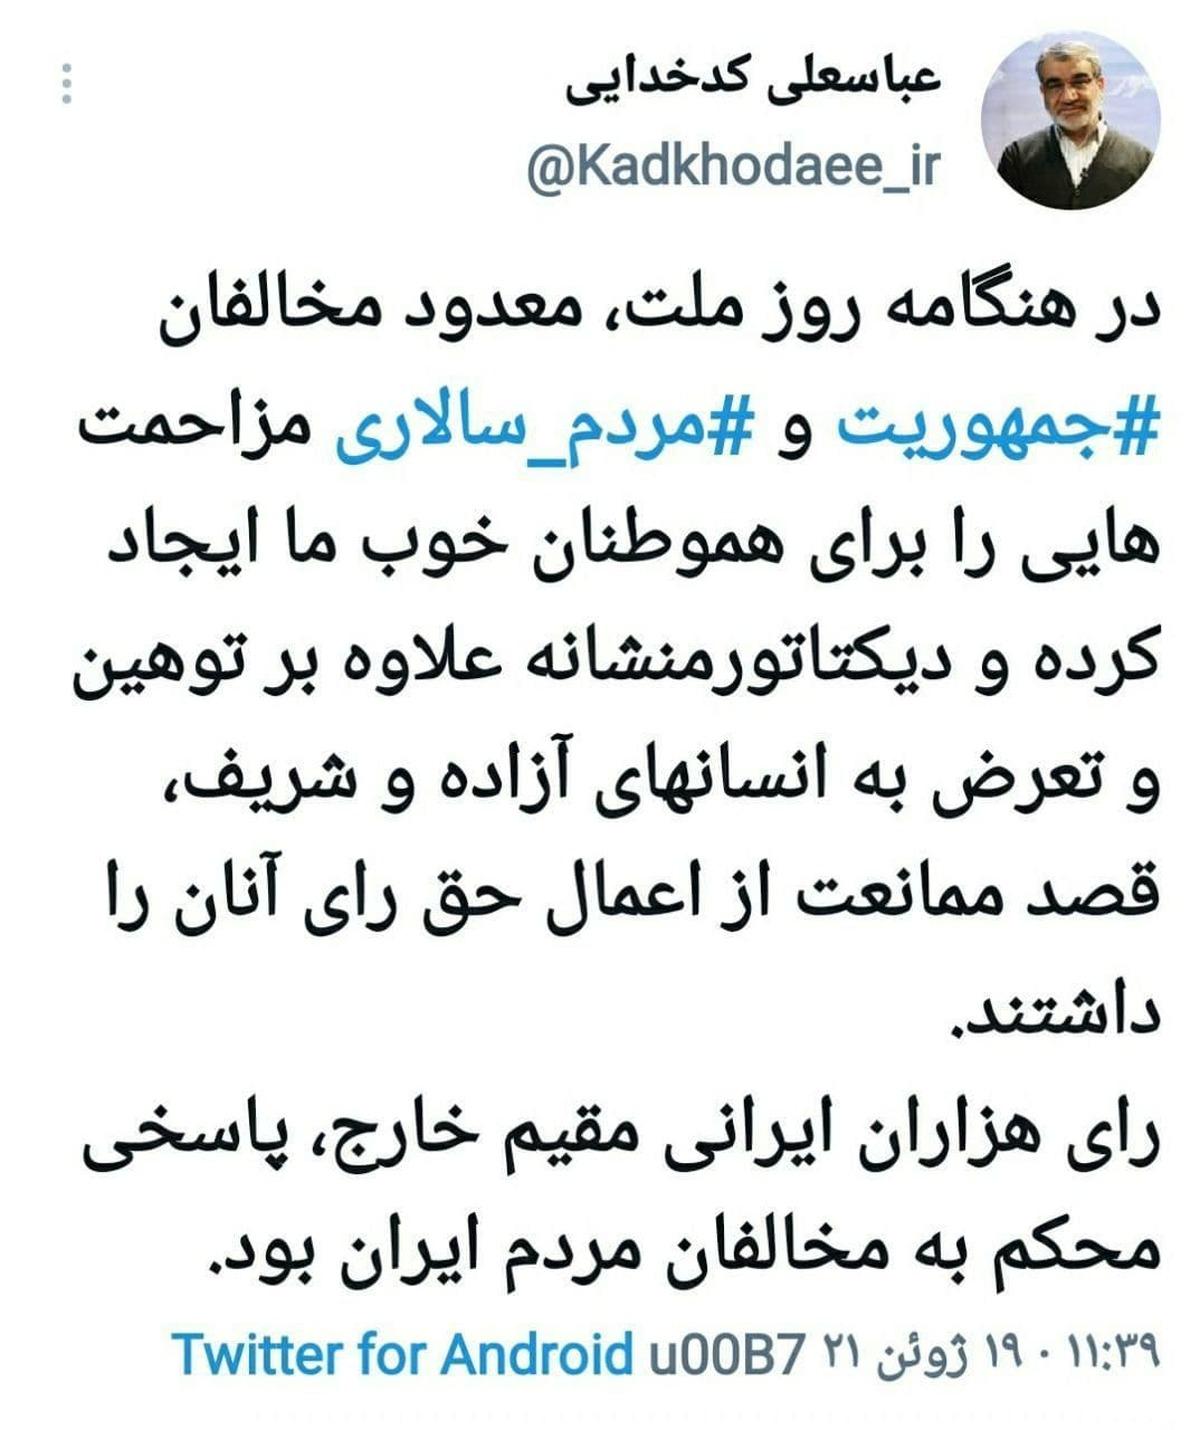 سخنگوی شورای نگهبان: رای هزاران ایرانی مقیم خارج، پاسخ محکمی به مخالفان بود